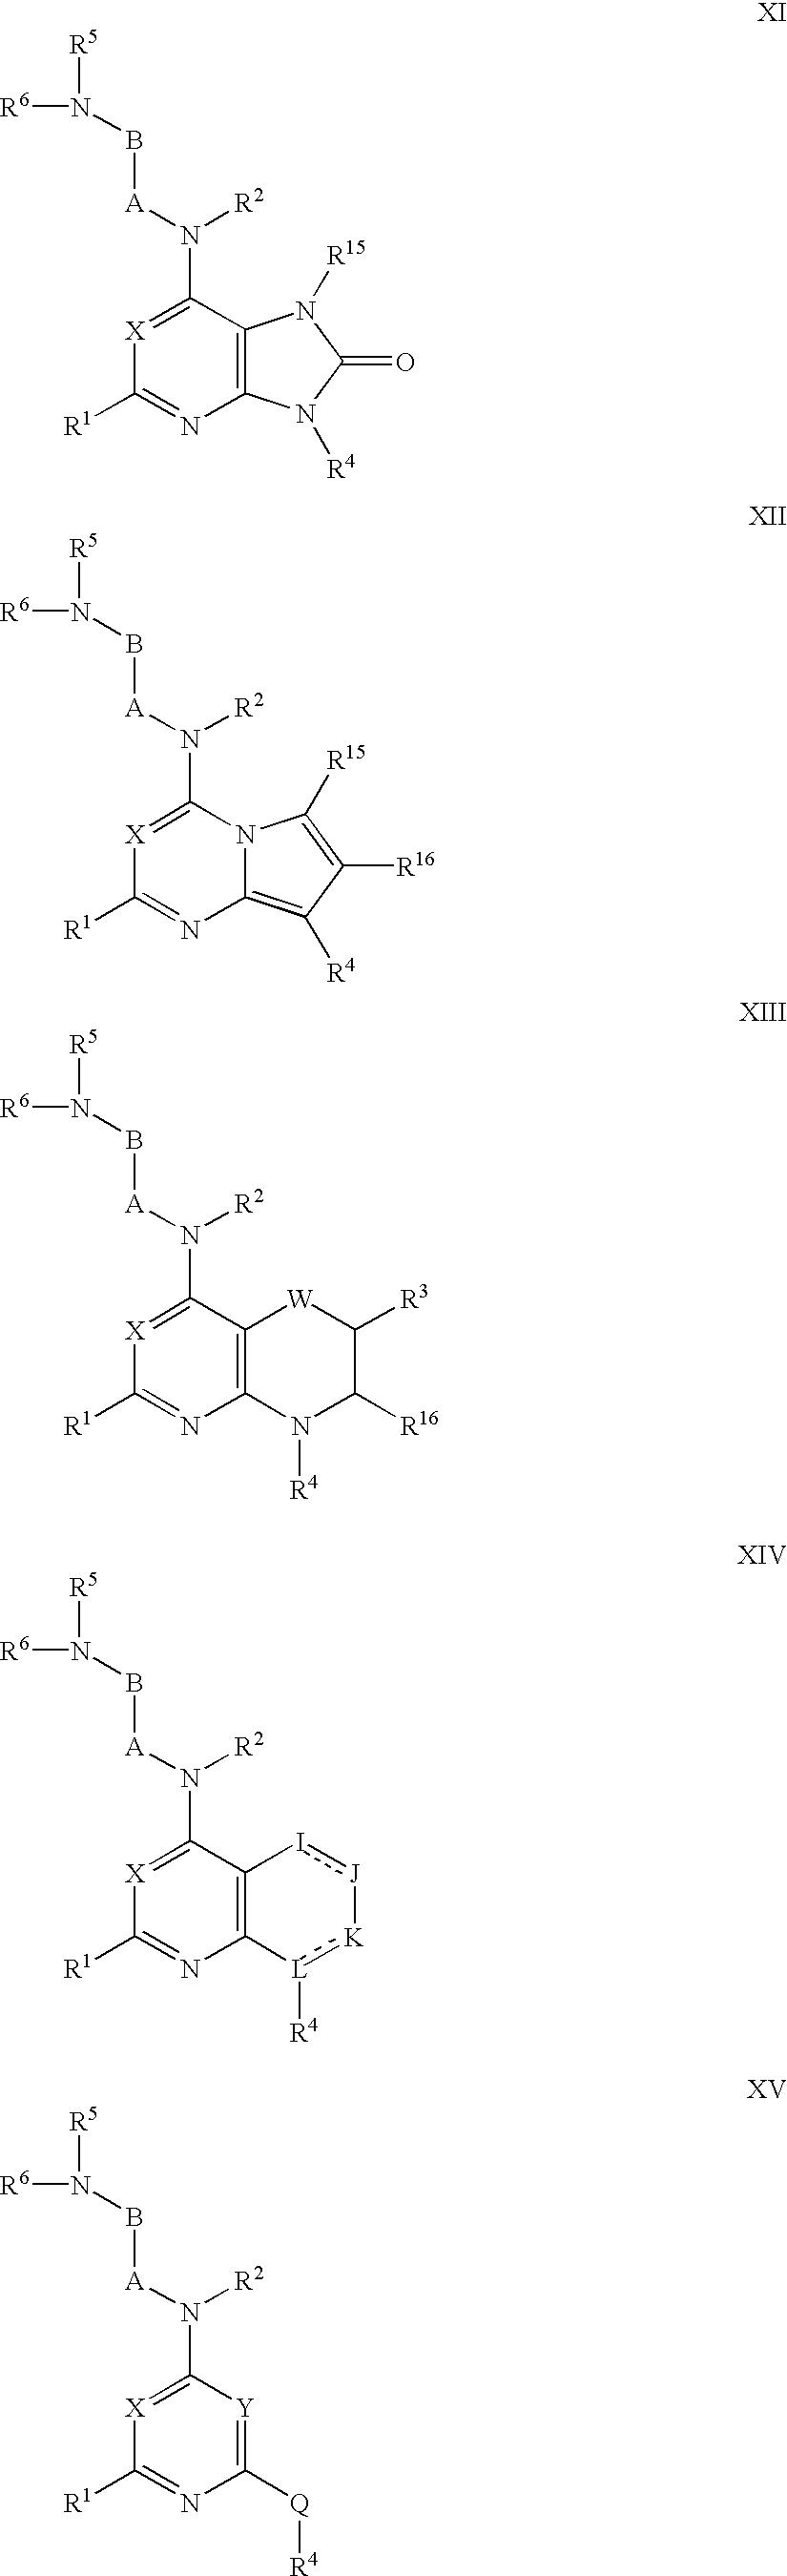 Figure US06506762-20030114-C00003